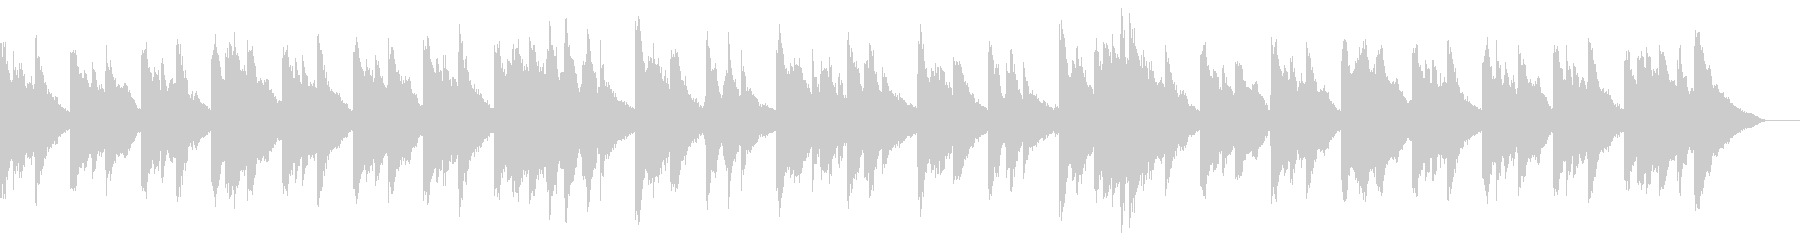 幻想的なシーンに合うピアノBGMの未再生の波形